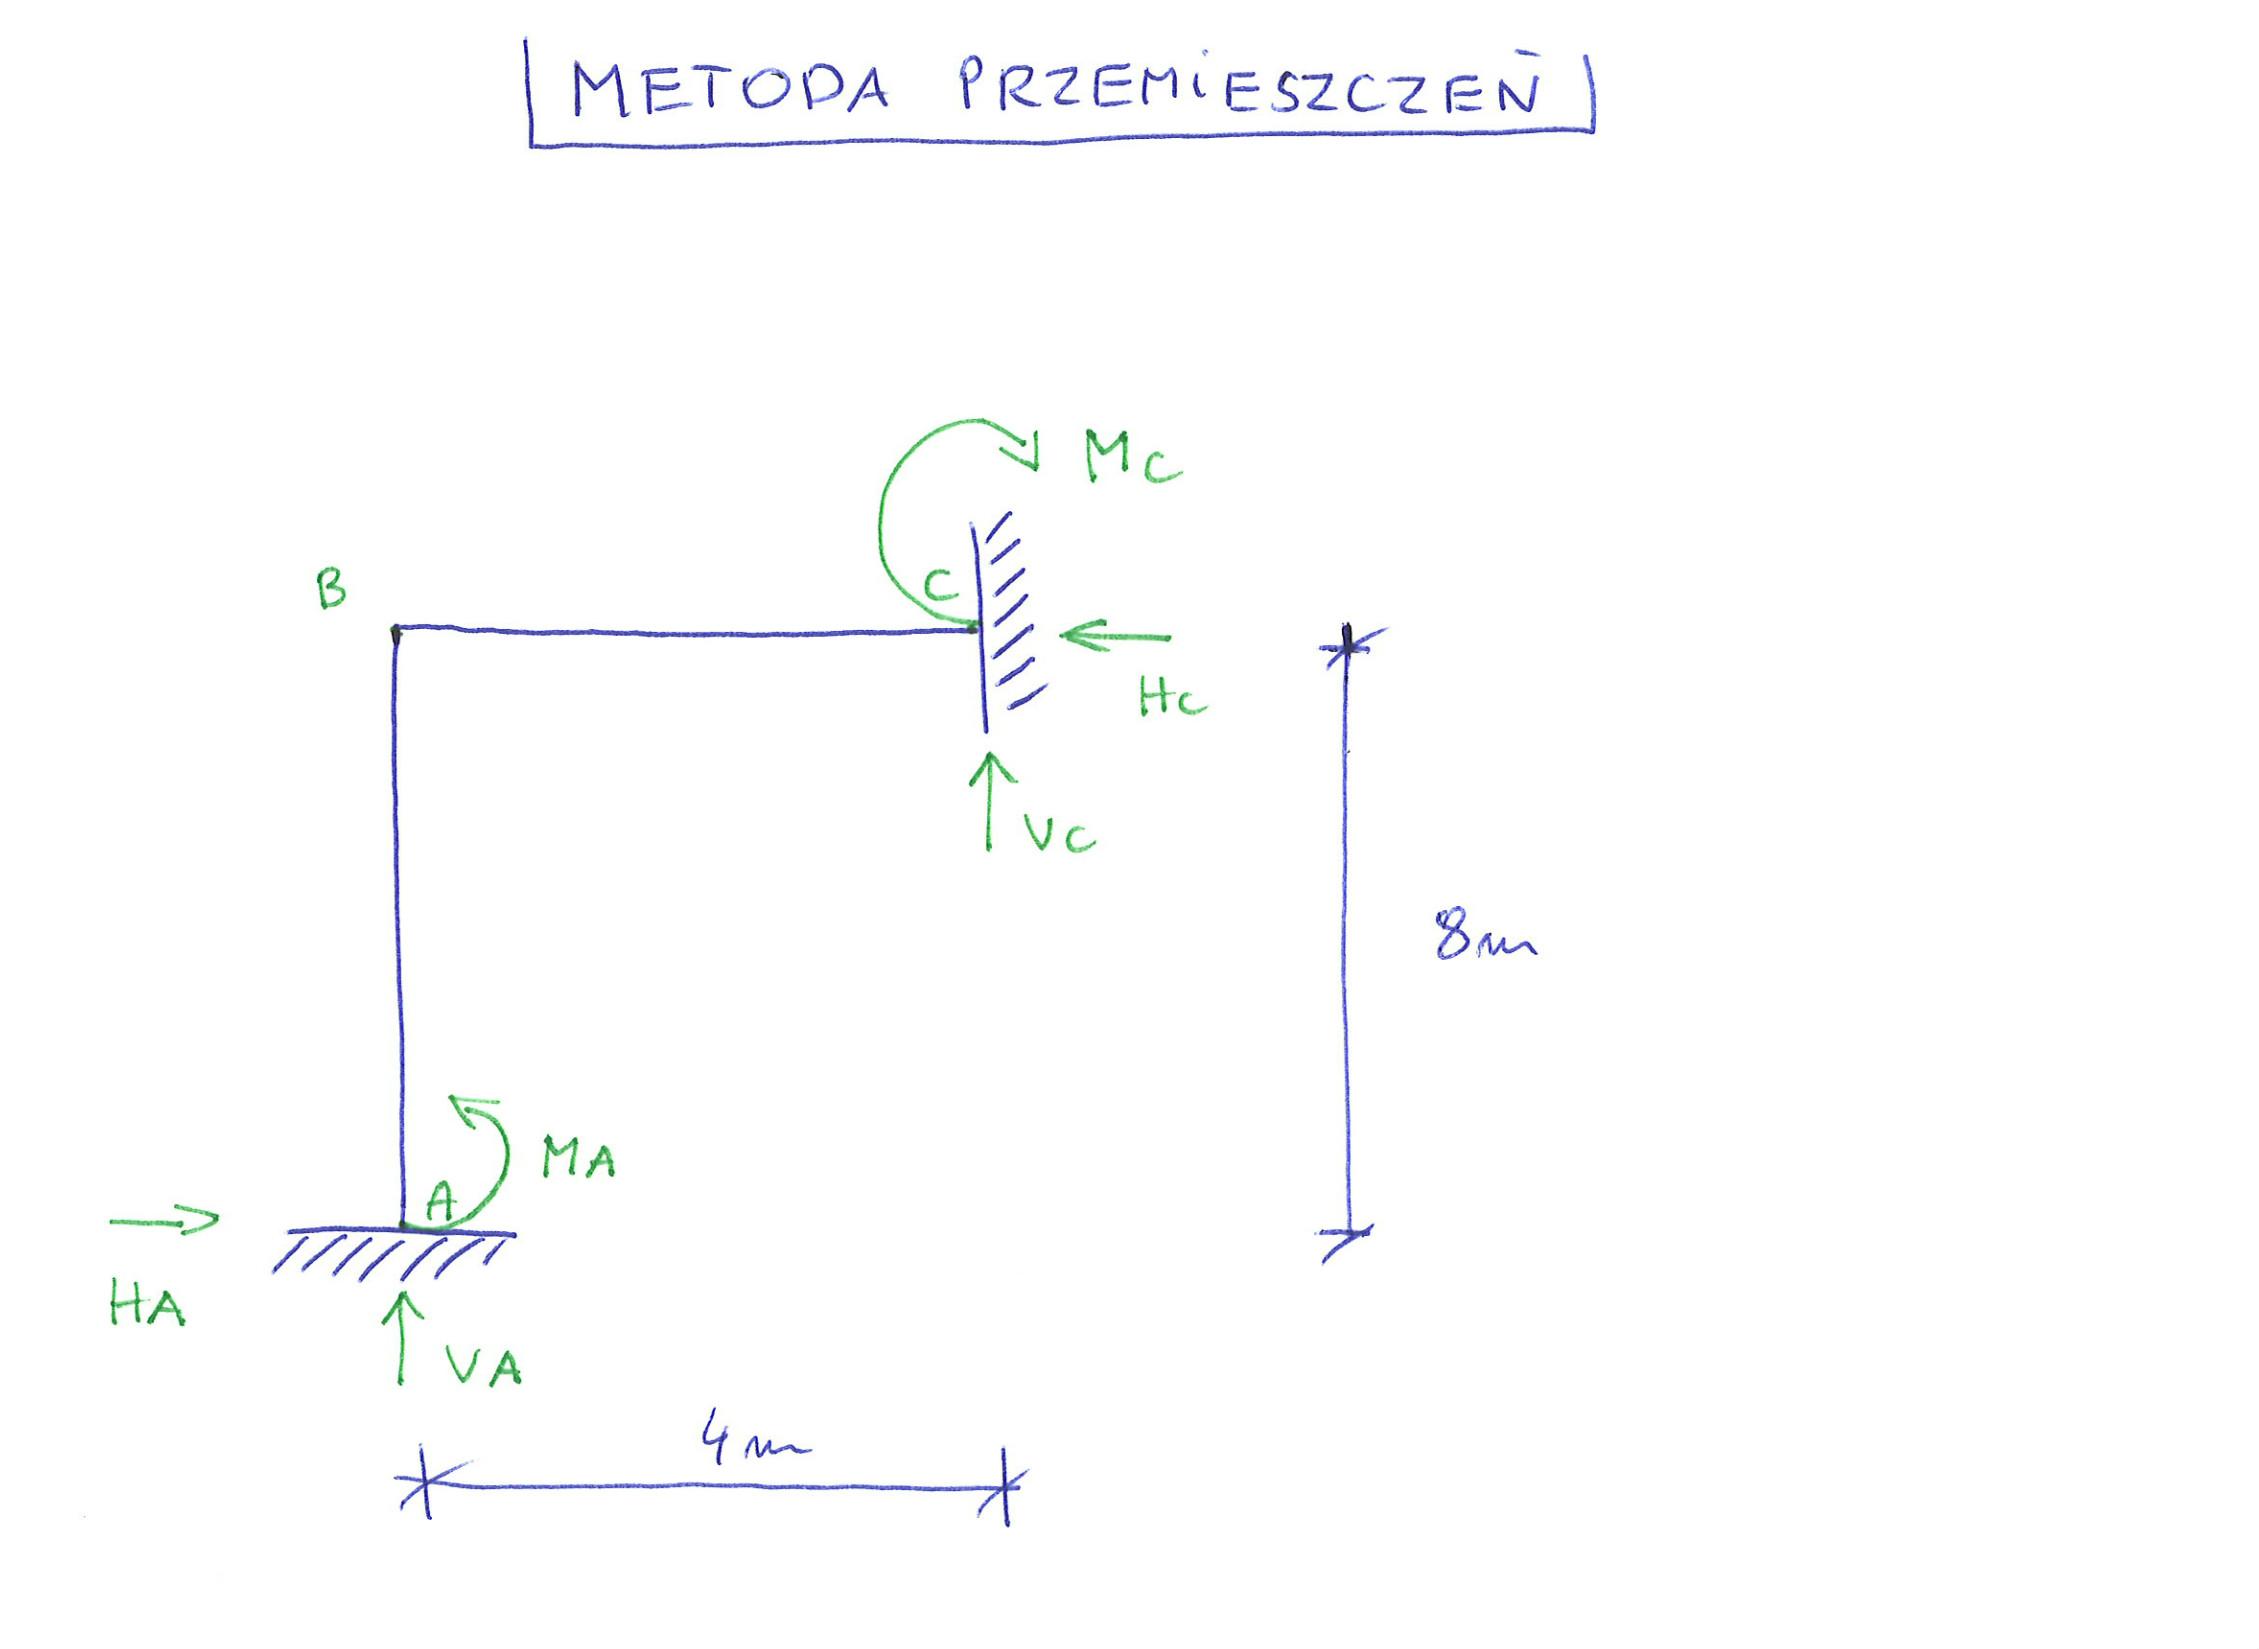 Metoda Clebscha - jak prawidłowo ustalić warunki brzegowe?